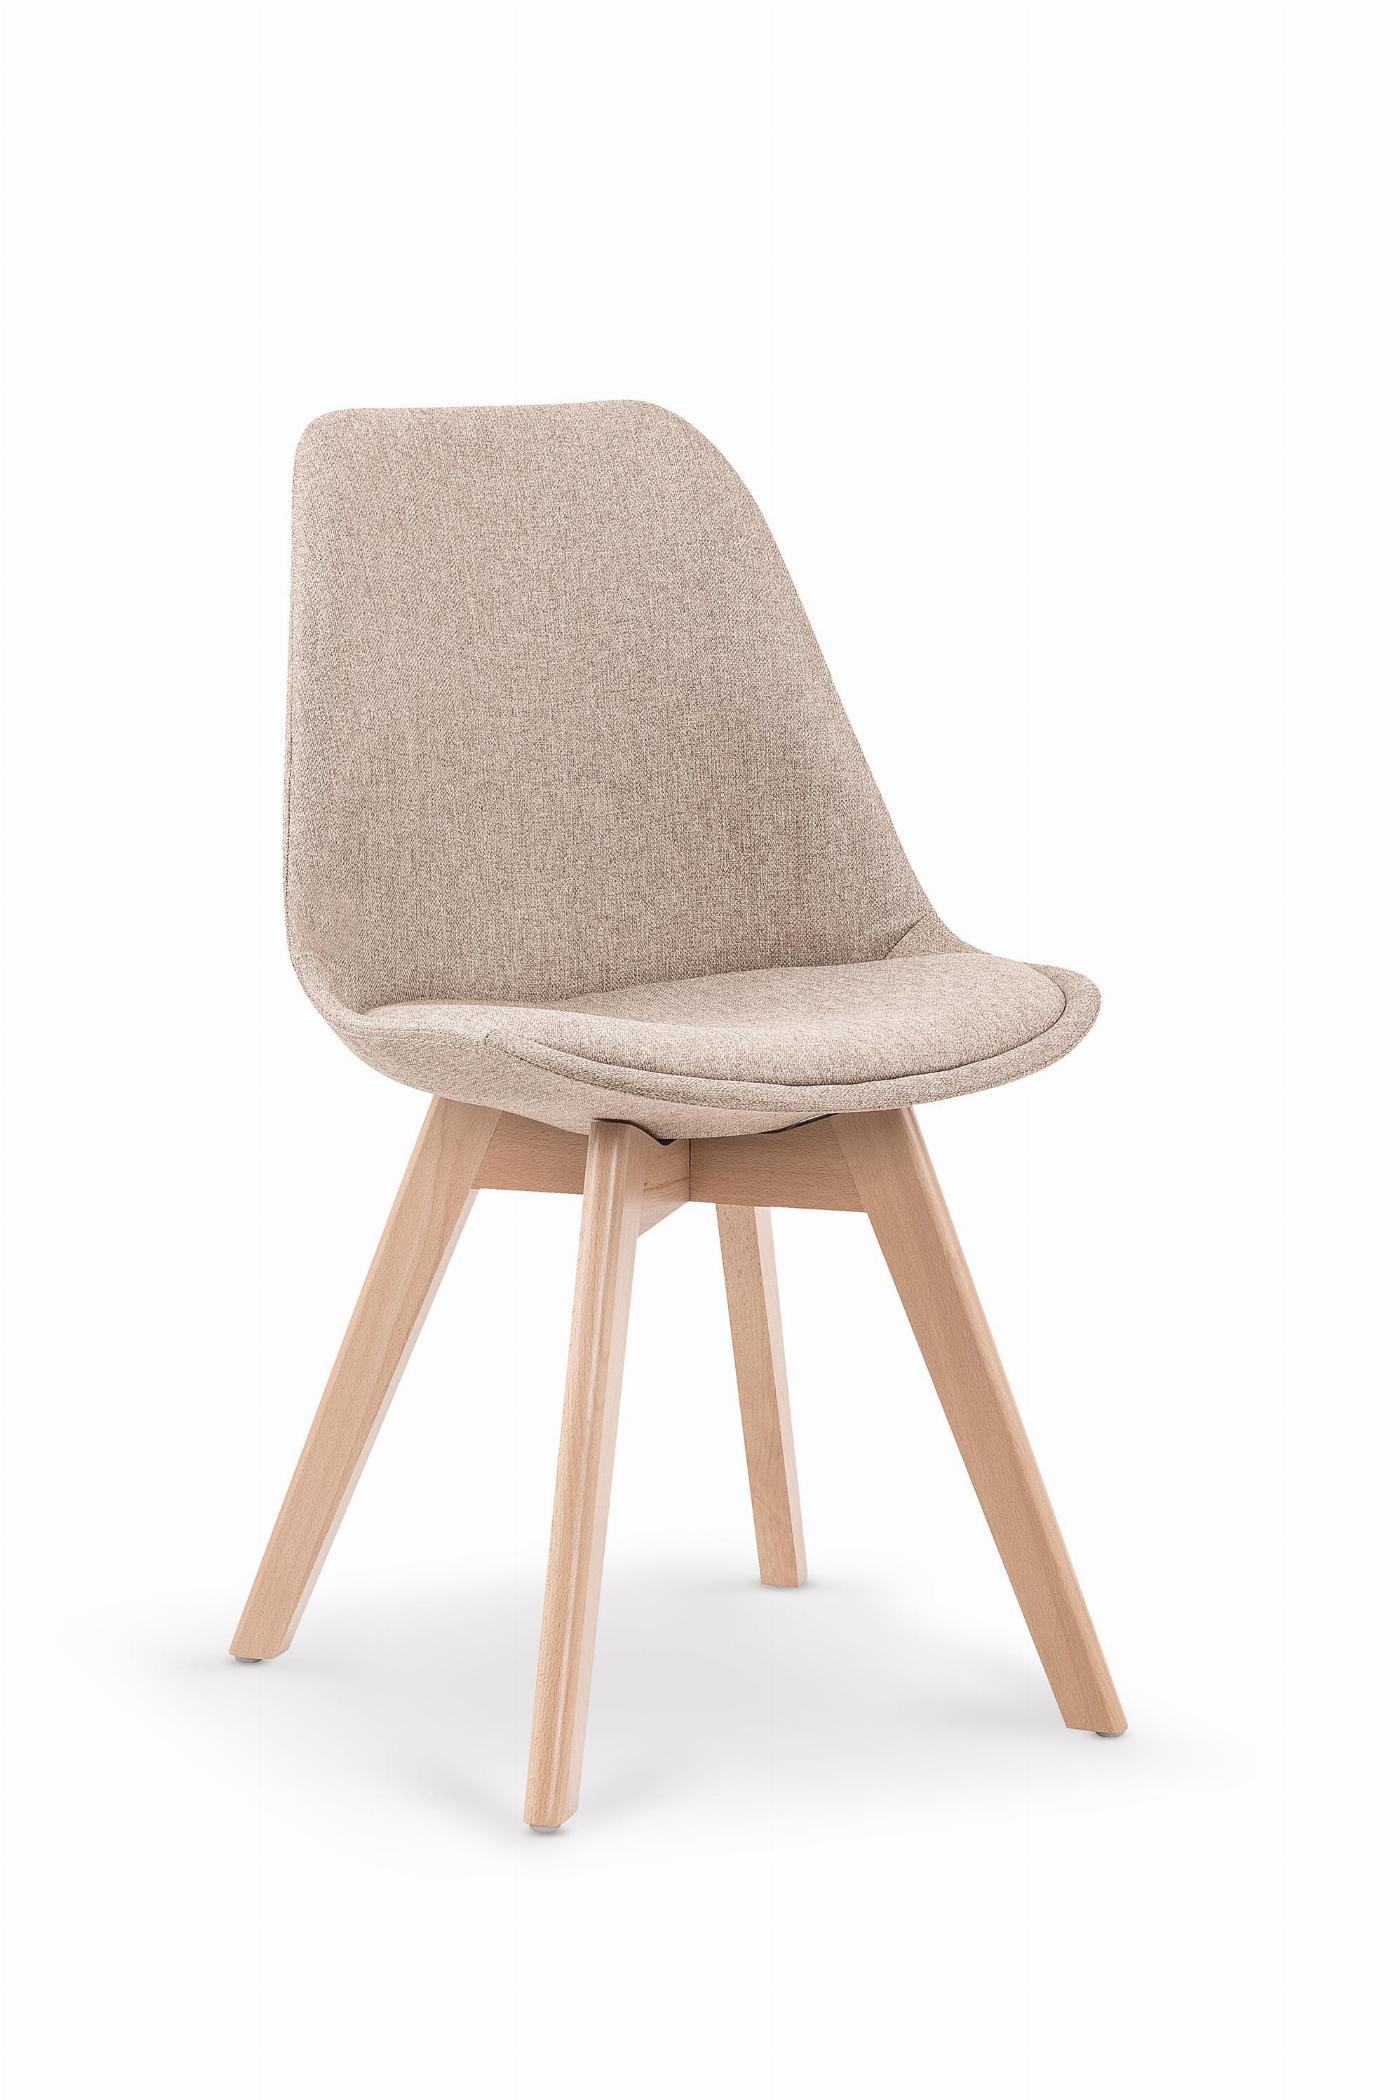 K303 krzesło beżowy / buk